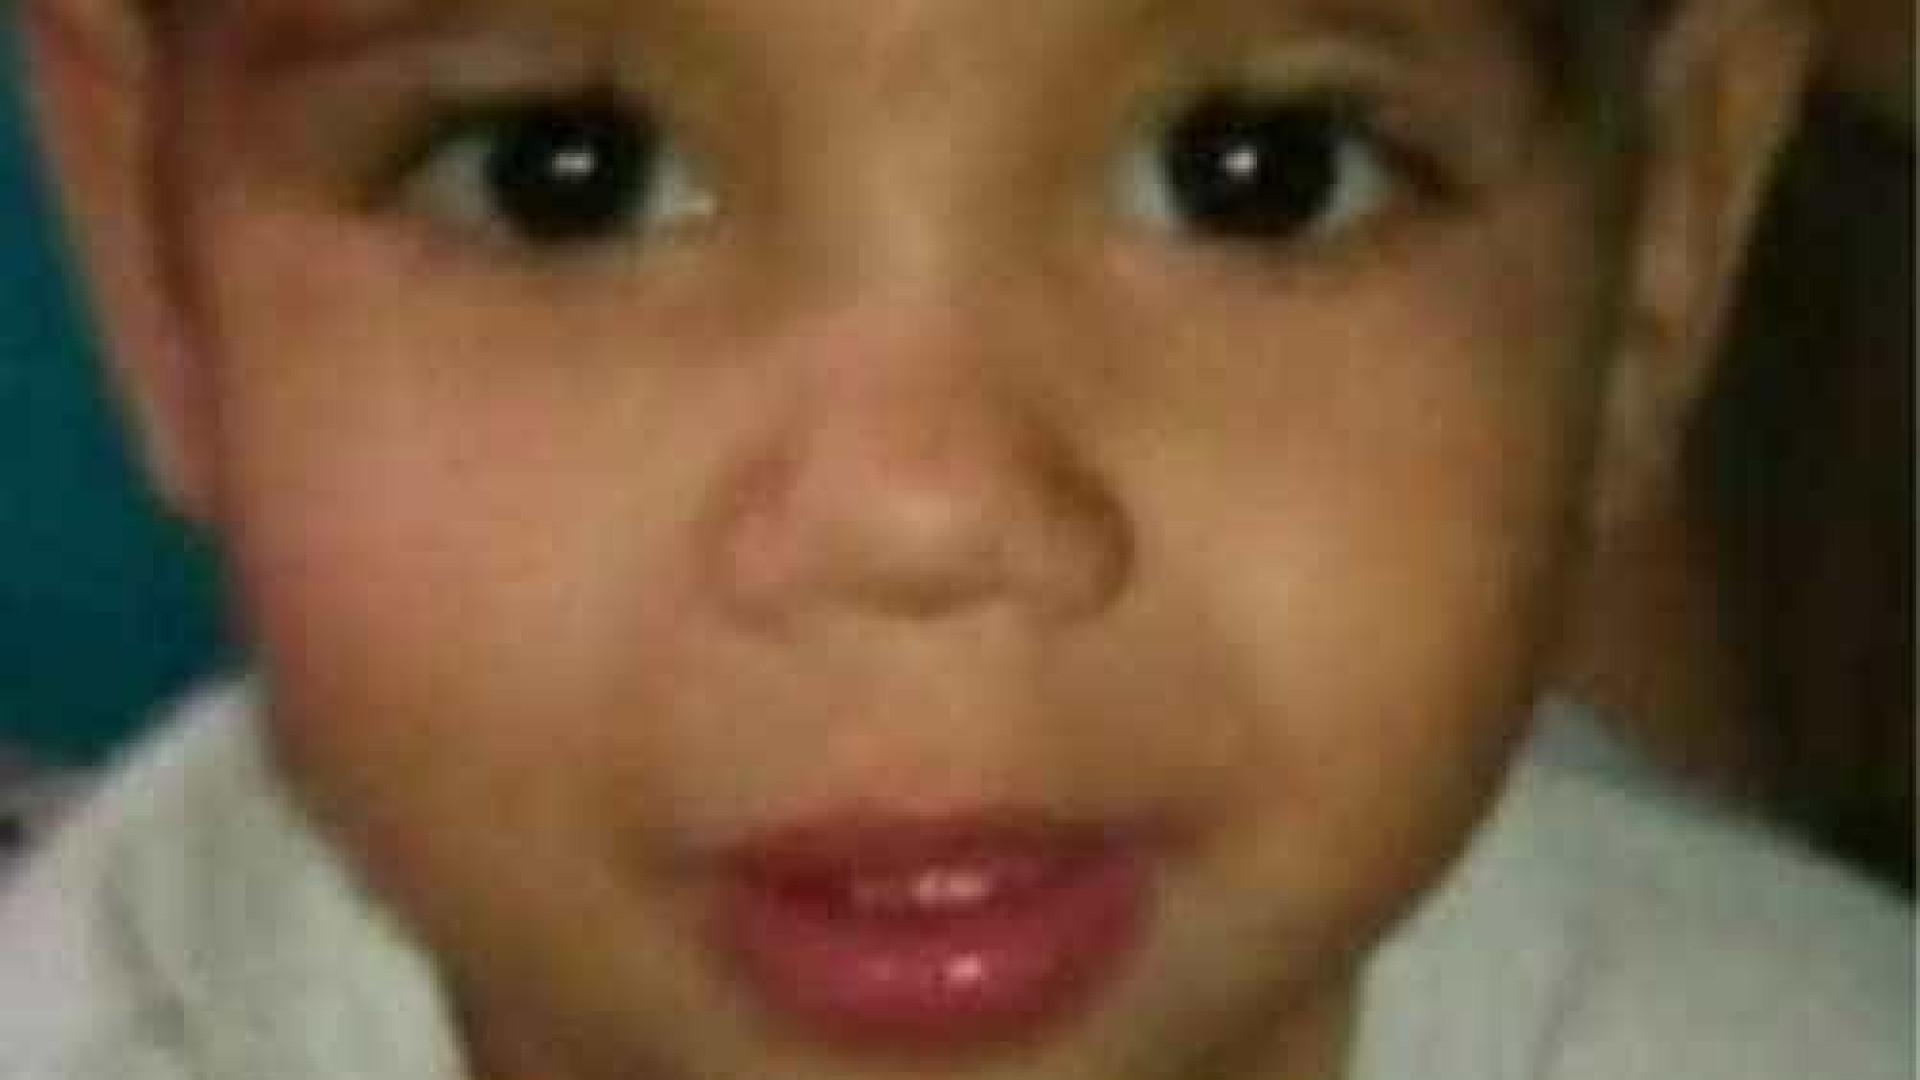 Metrô levou 61min para iniciar busca por menino que morreu em túnel